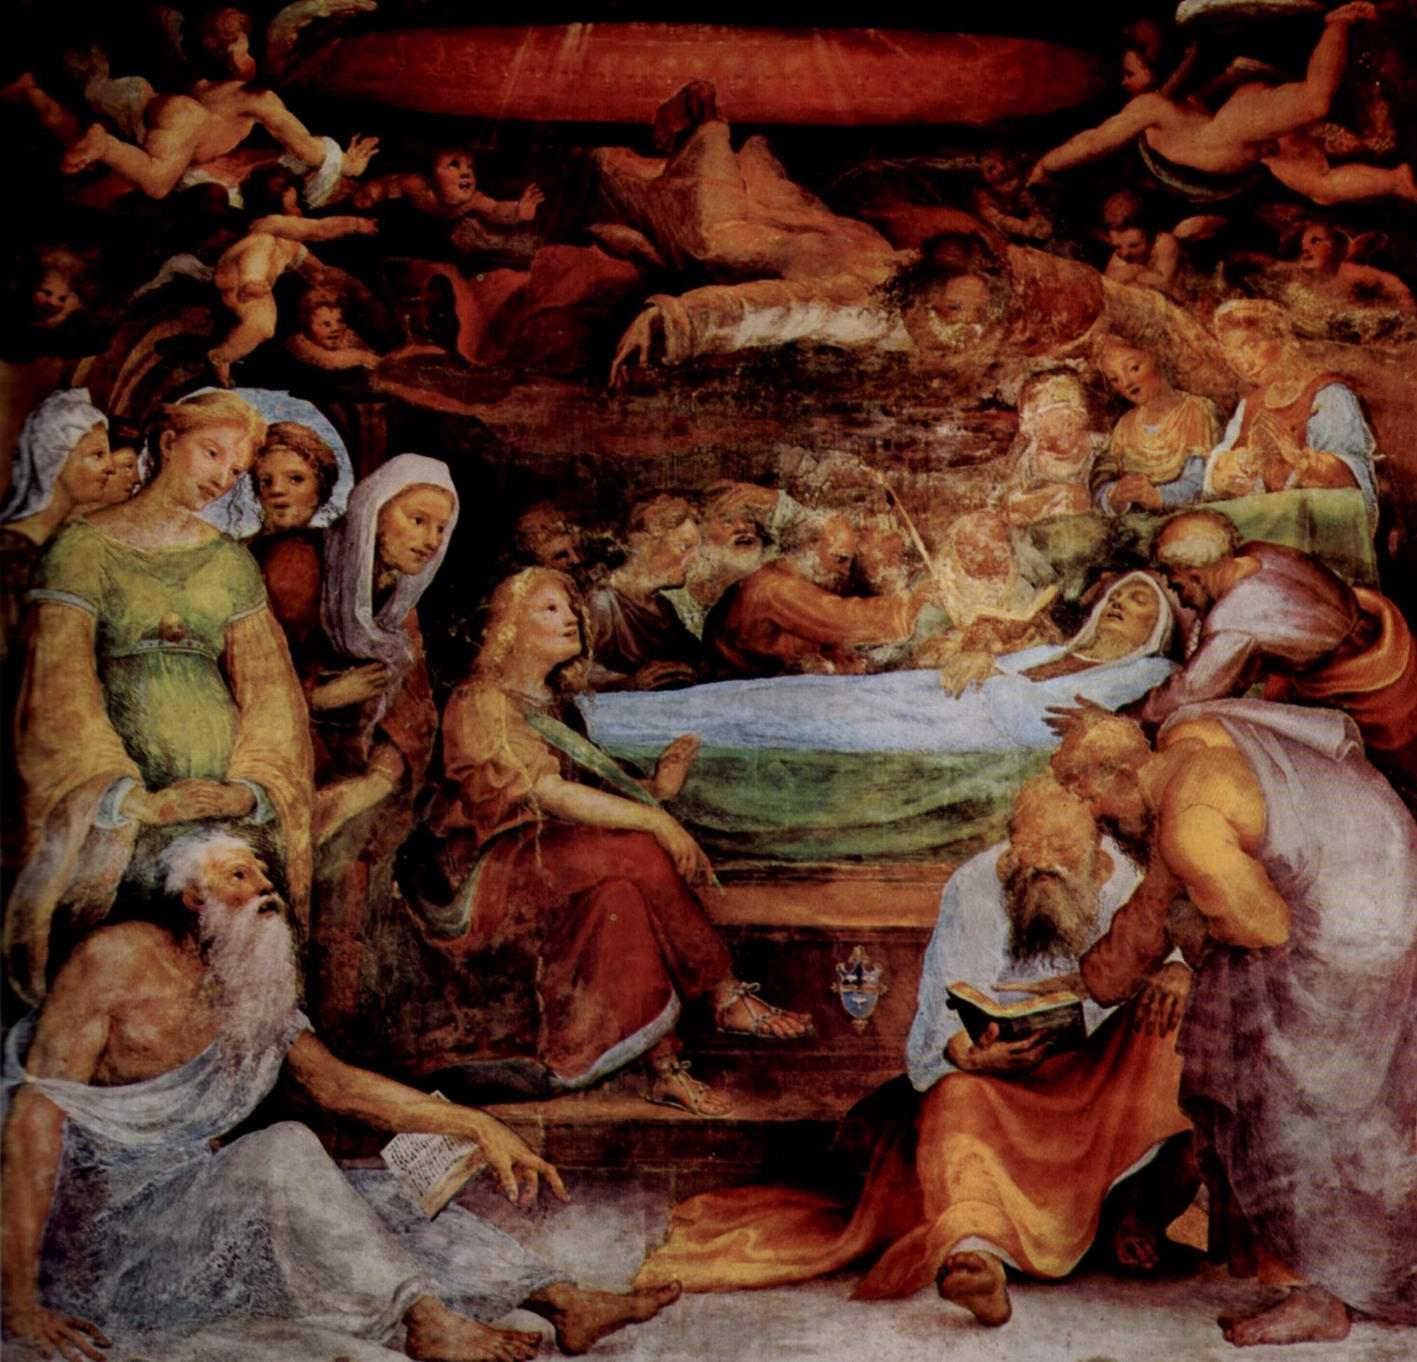 Фрески в капелле св. Бенедикта в Сиене, Смерть Марии, Беккафуми Доменико